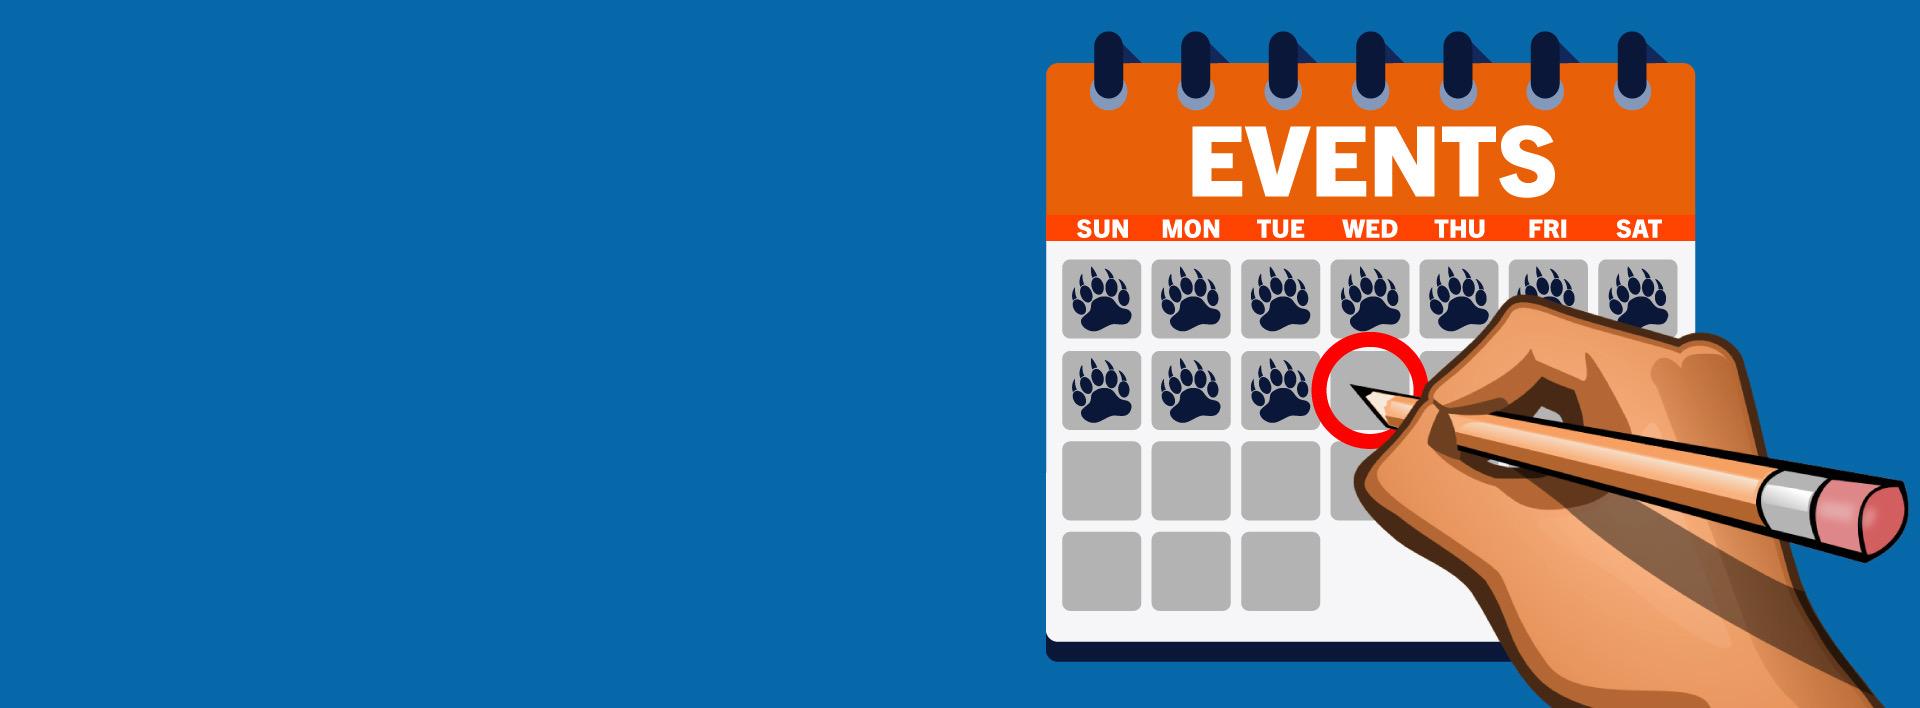 Guttman Events Calendar